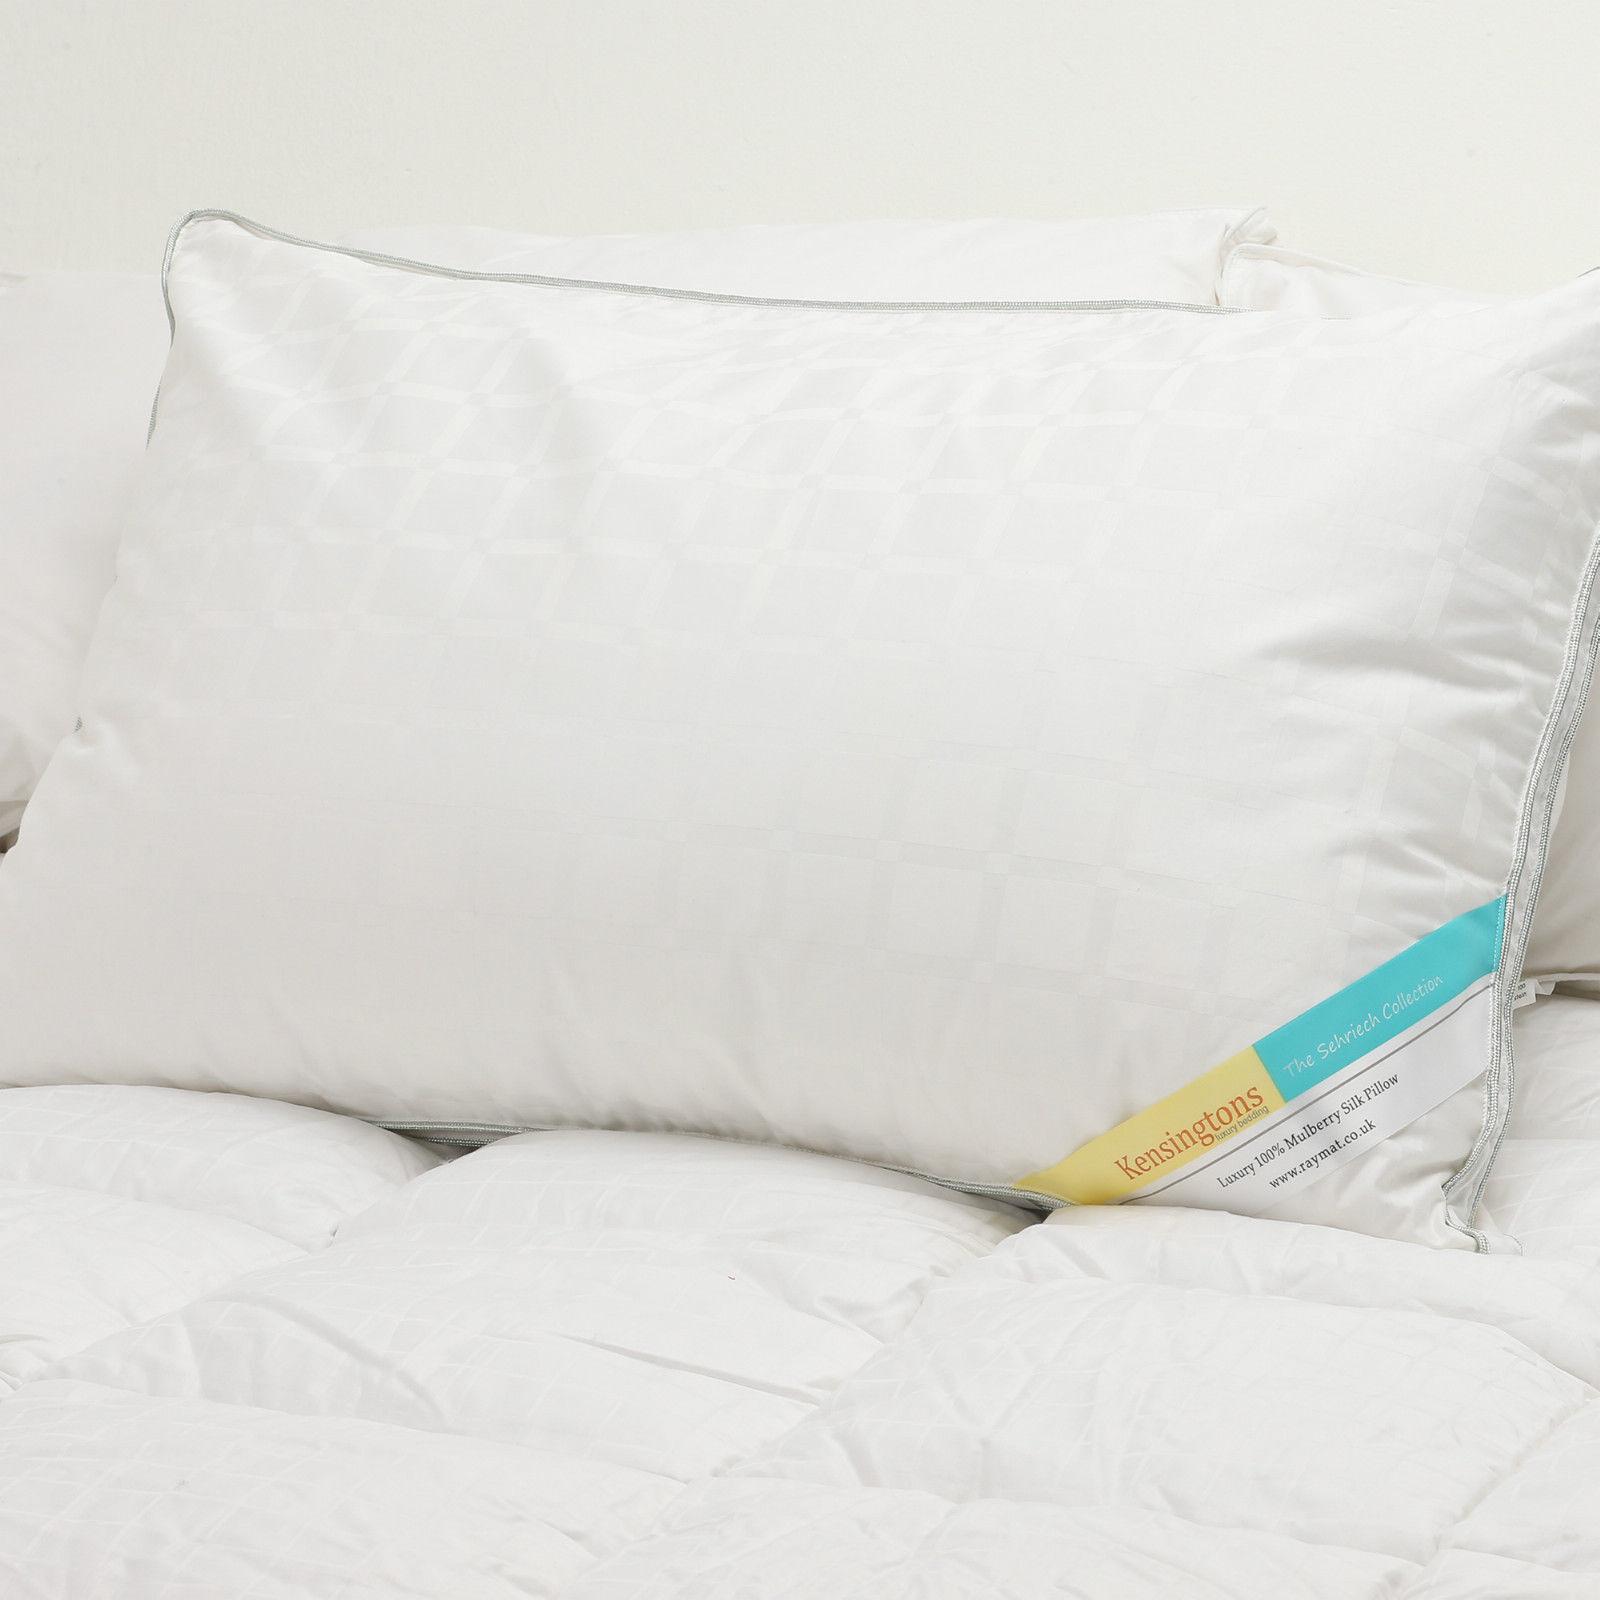 Natürlich Maulbeerseide Gefüllt Kissen 100% 400 TC Weich Hotel Qualität 1300g